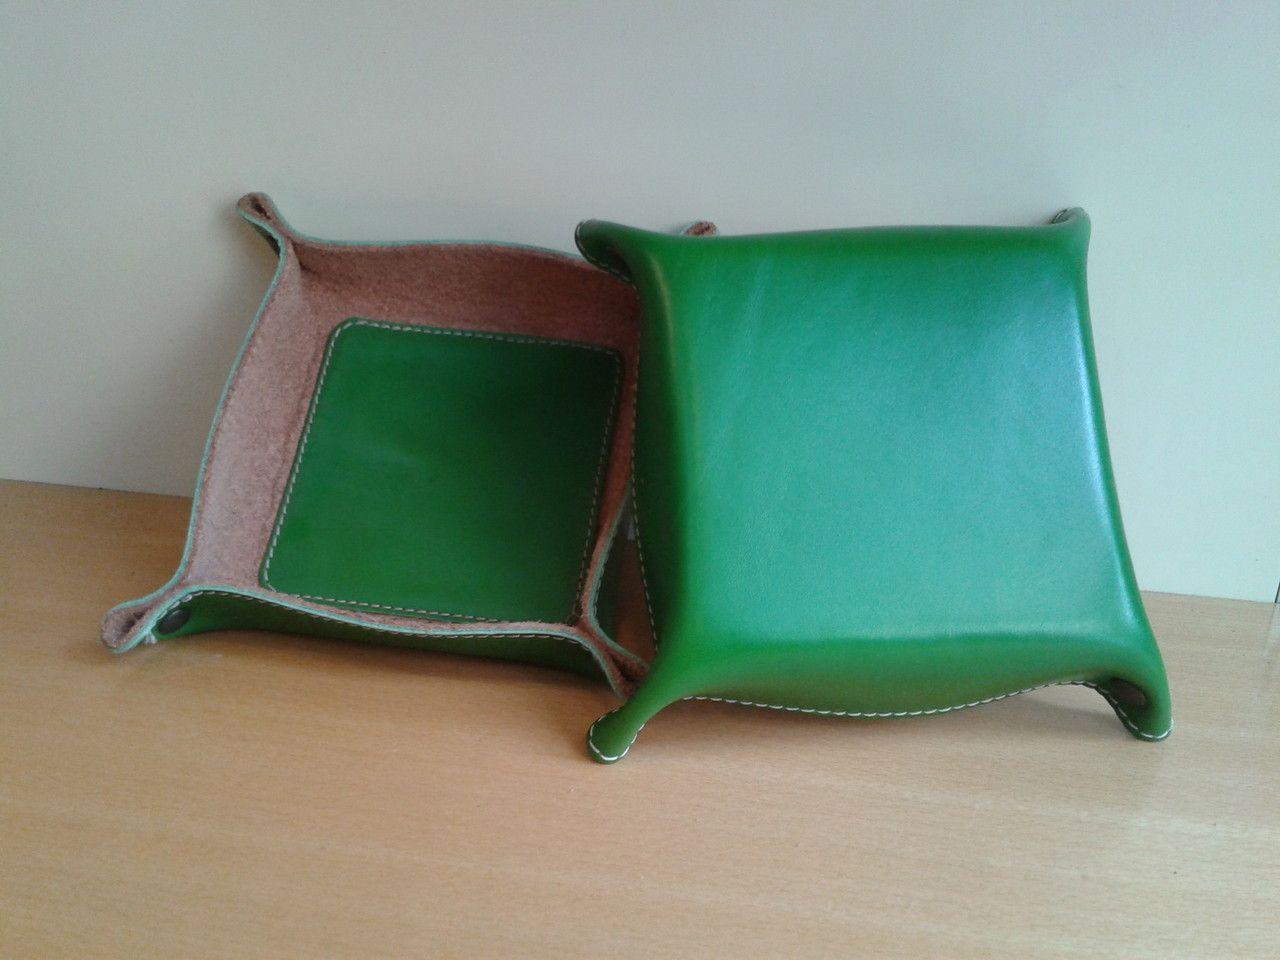 Accessori - L' ARTIGIANO DELLA PELLE   produzione artigianale di borse per uomo e donna   sandali in vero cuoio   cinture anche in pellami pregiati